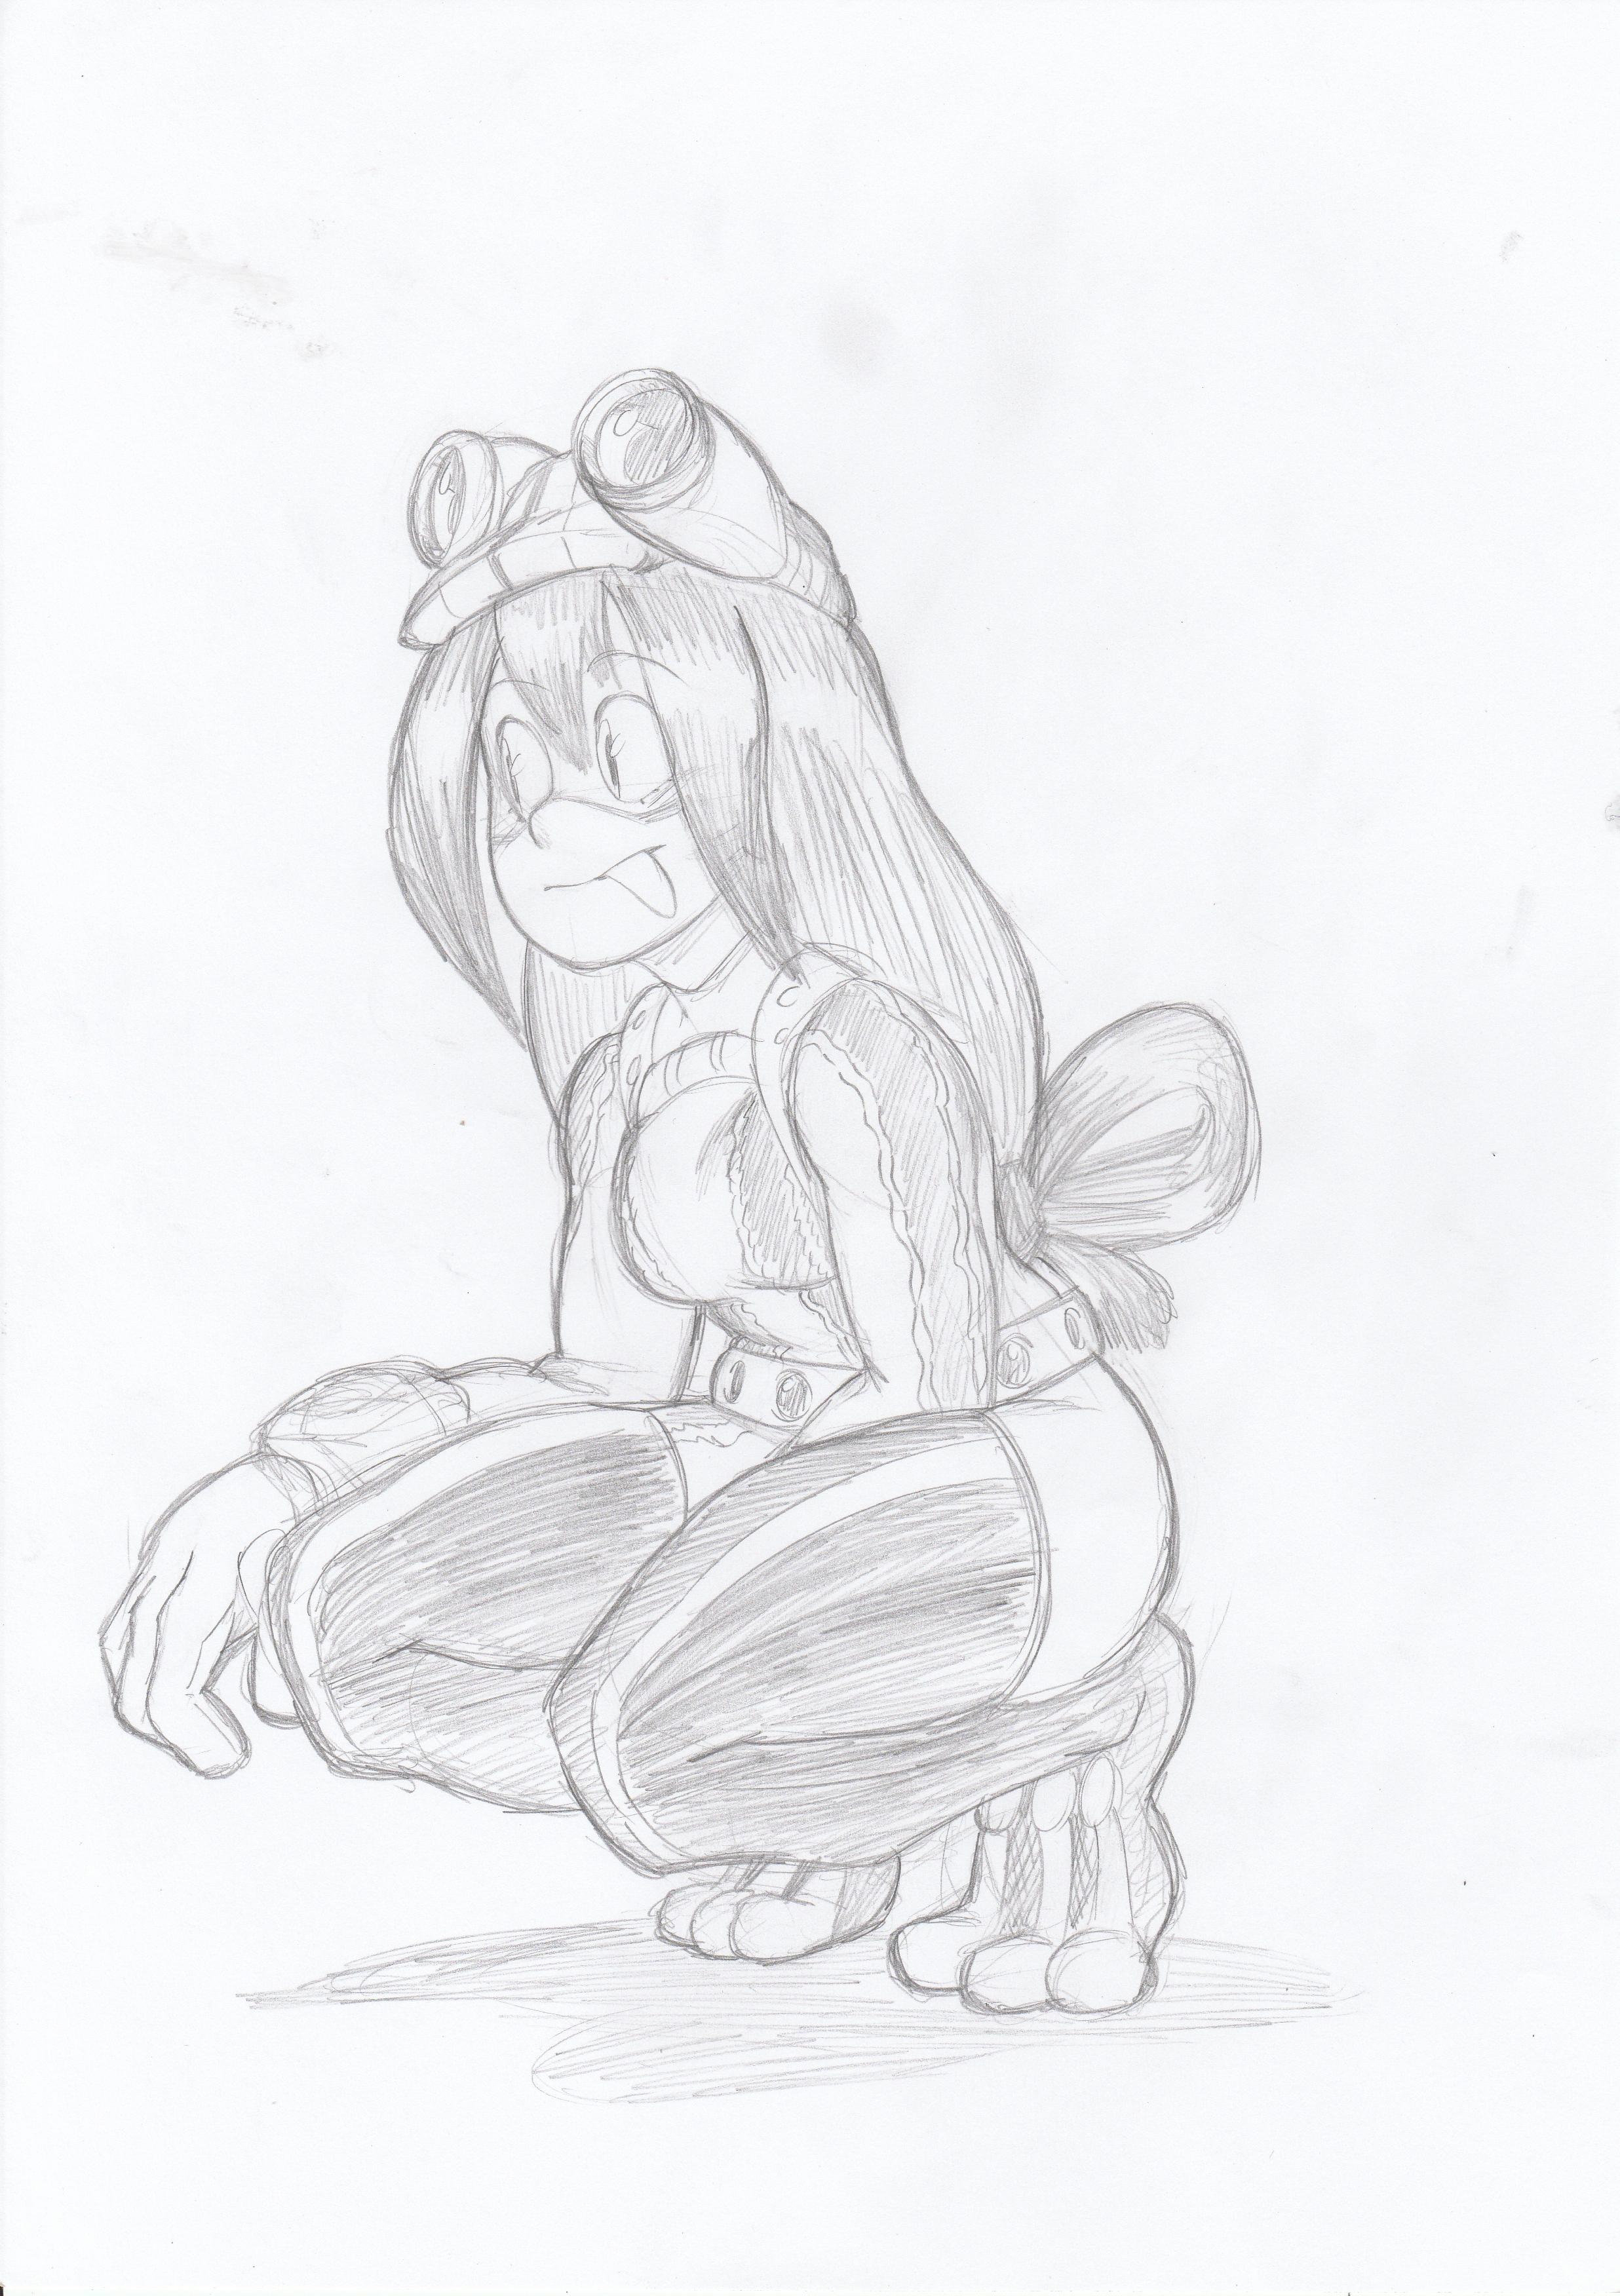 Asui sketch